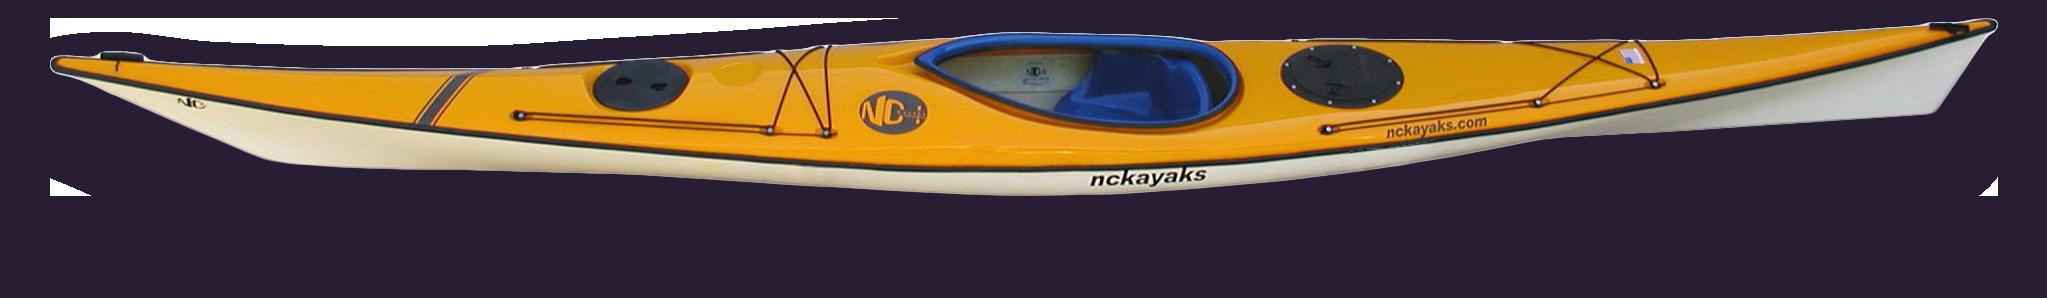 Home - NC Kayaks